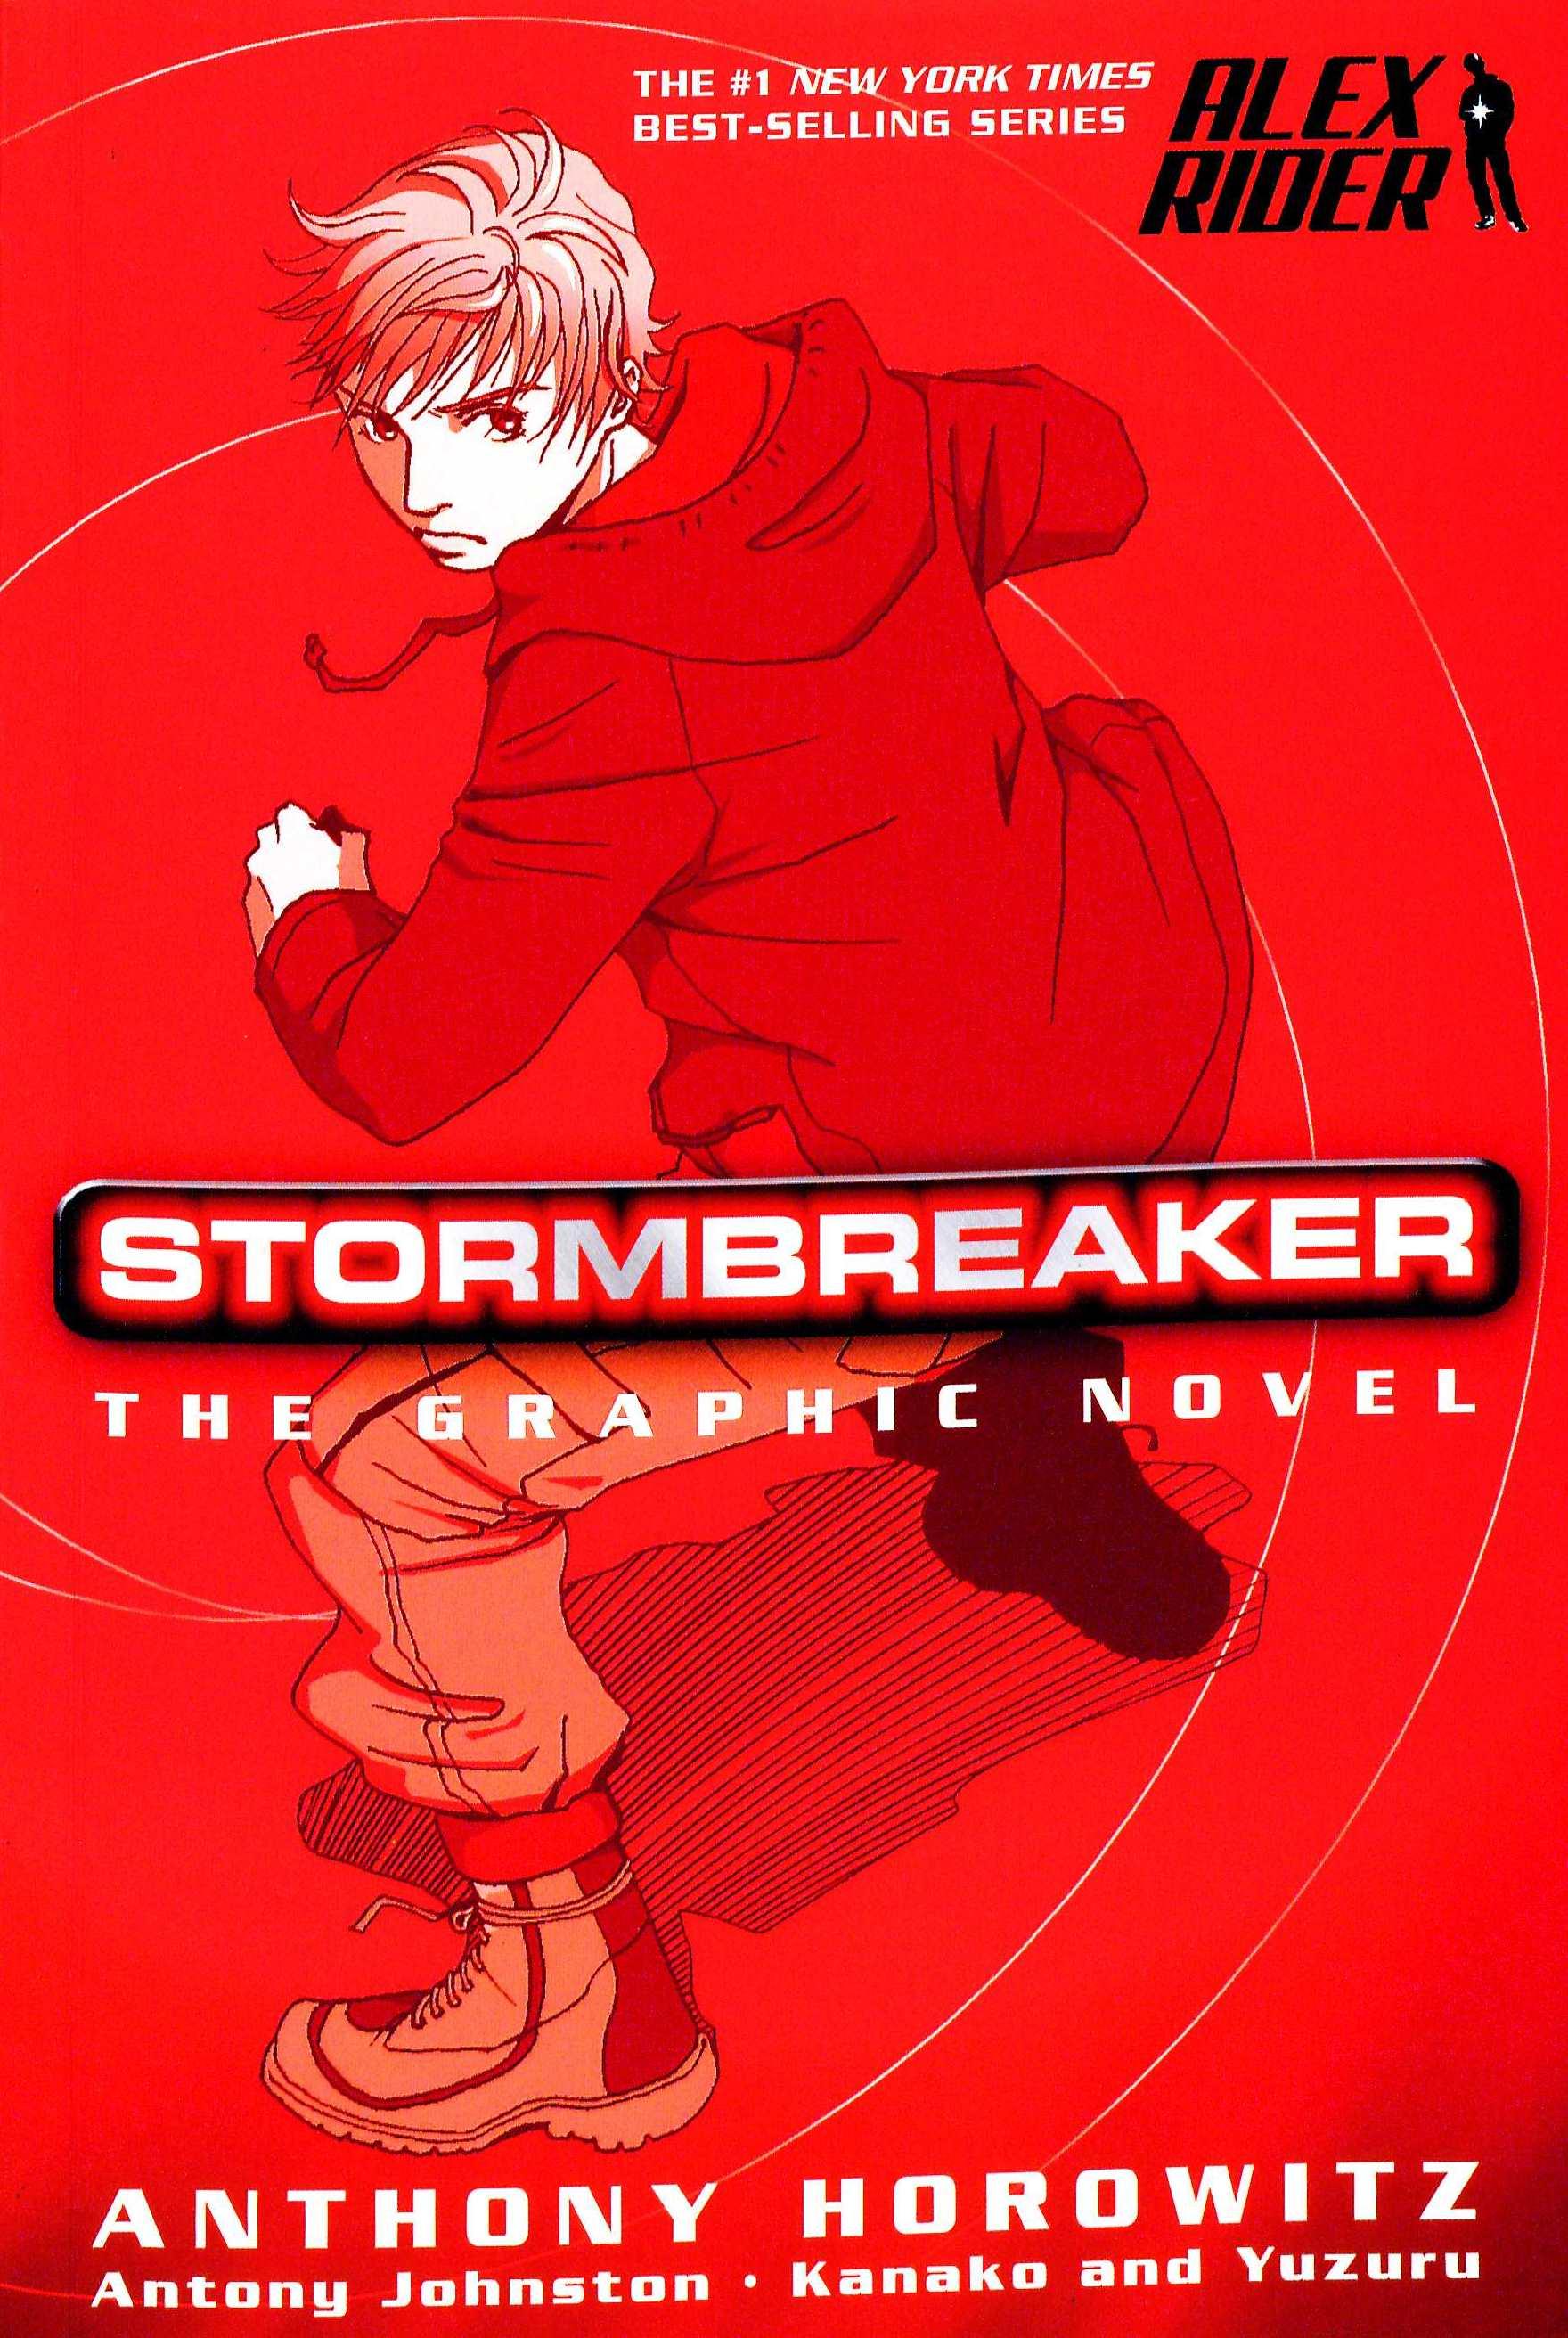 alex rider stormbreaker graphic novel pdf